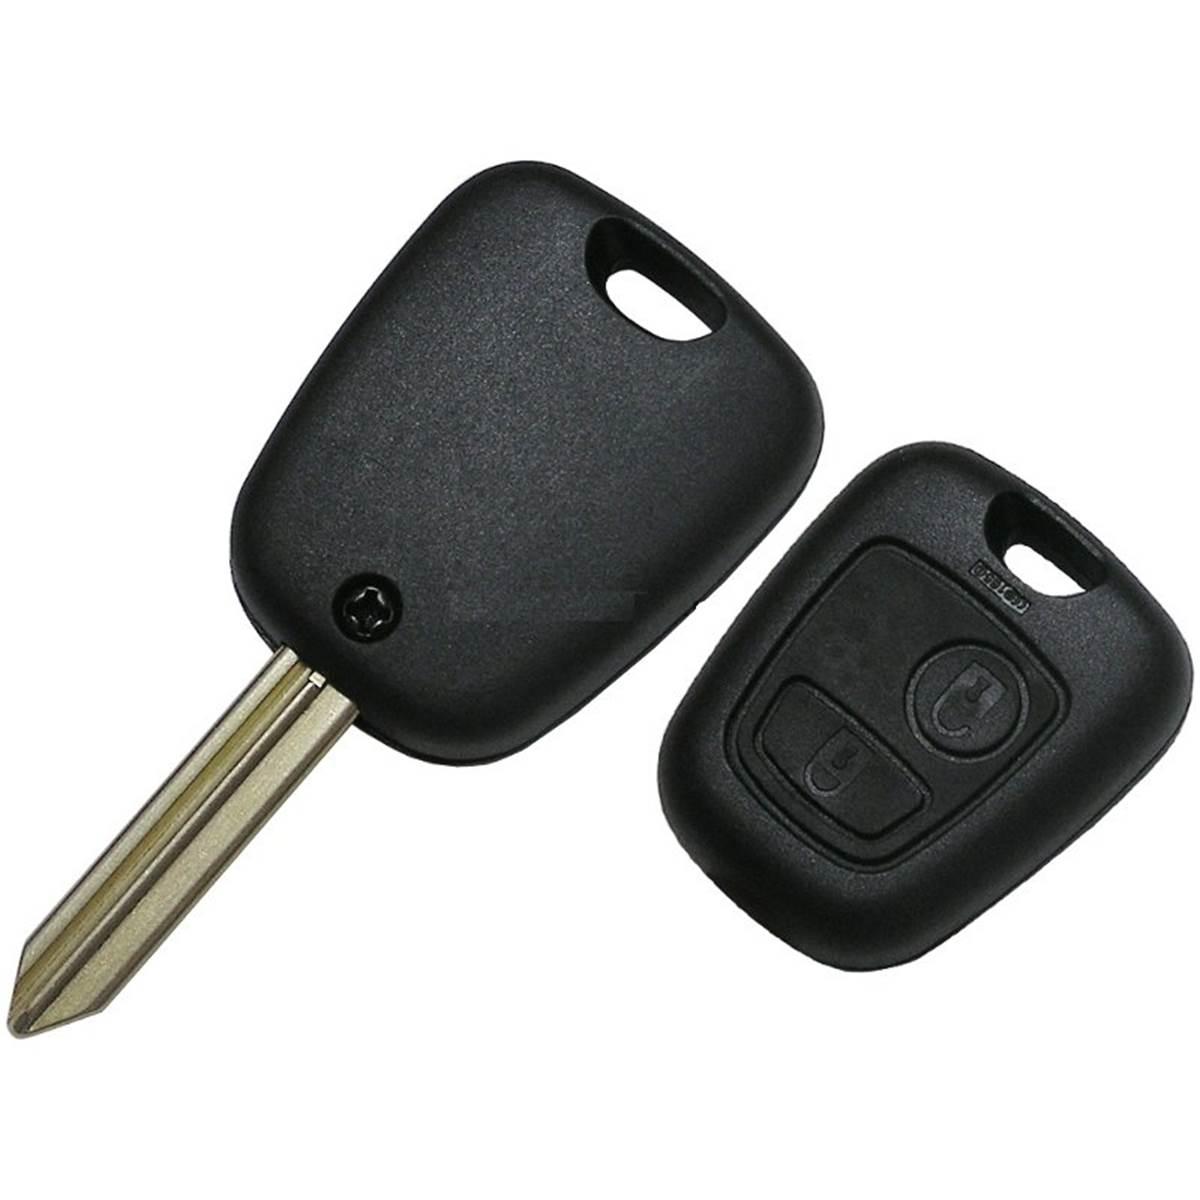 Coque de clé adaptable pour PSA Expert , Partner, Xsara, Picasso 2 boutons